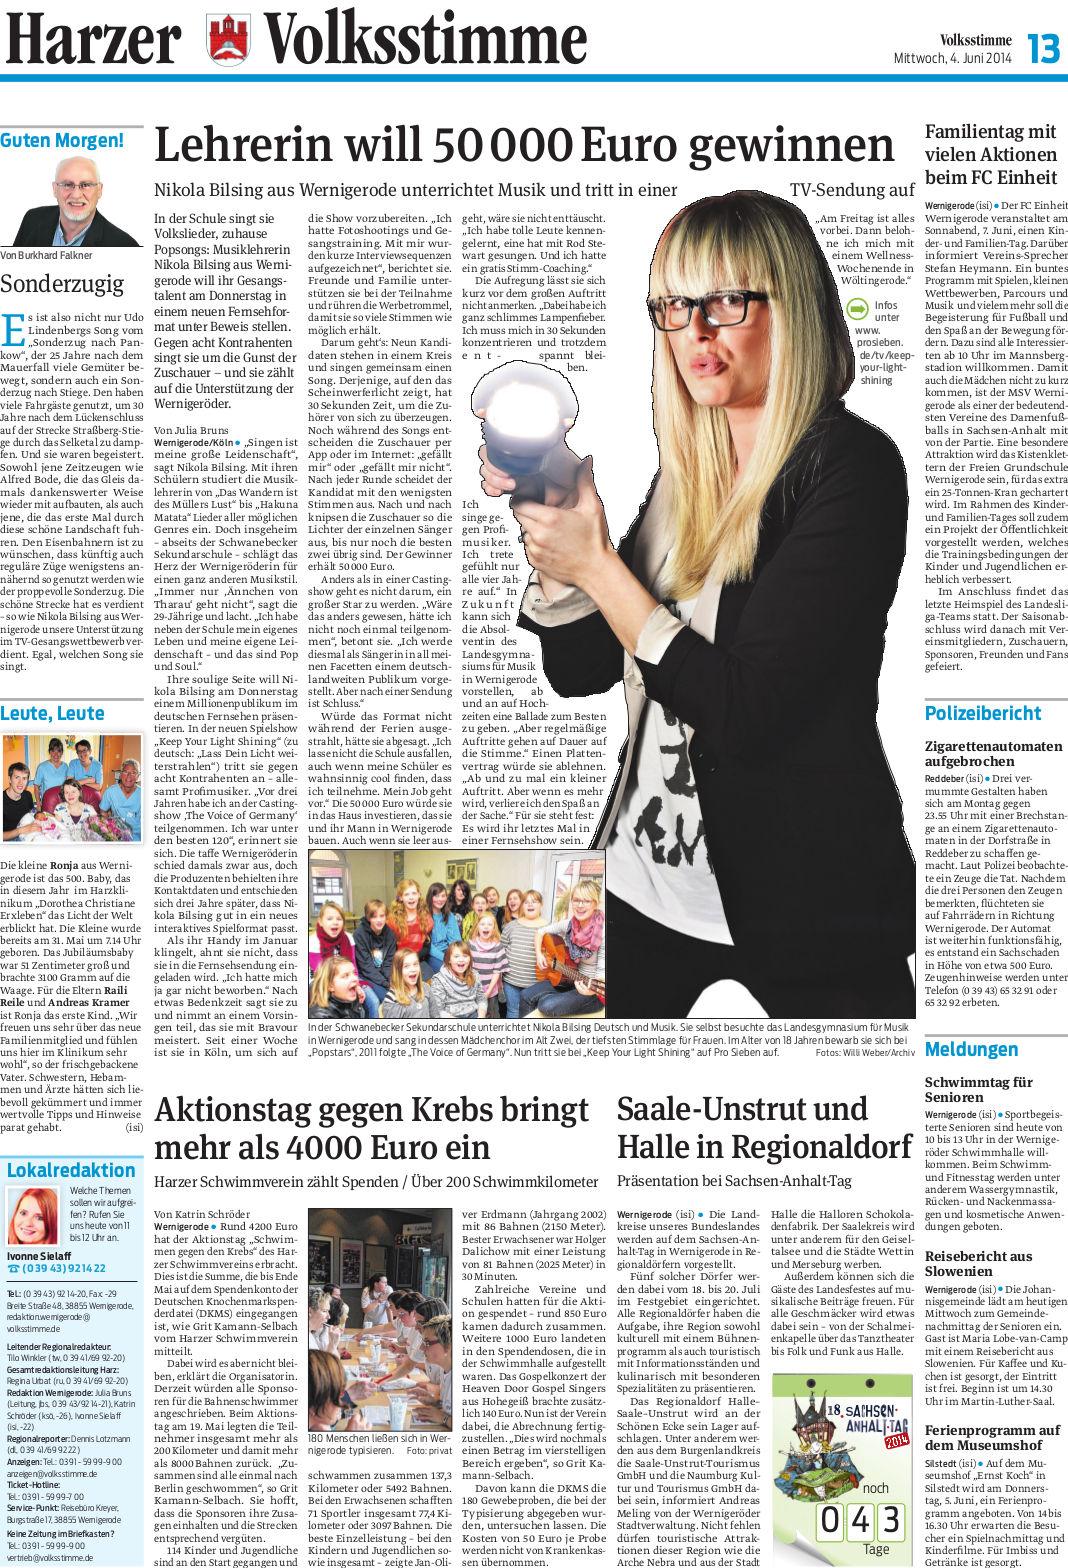 Volksstimme-Artikel über Nicola Bilsing, Sängerin und Lehrerin aus Wernigerode. Autor: Julia Bruns